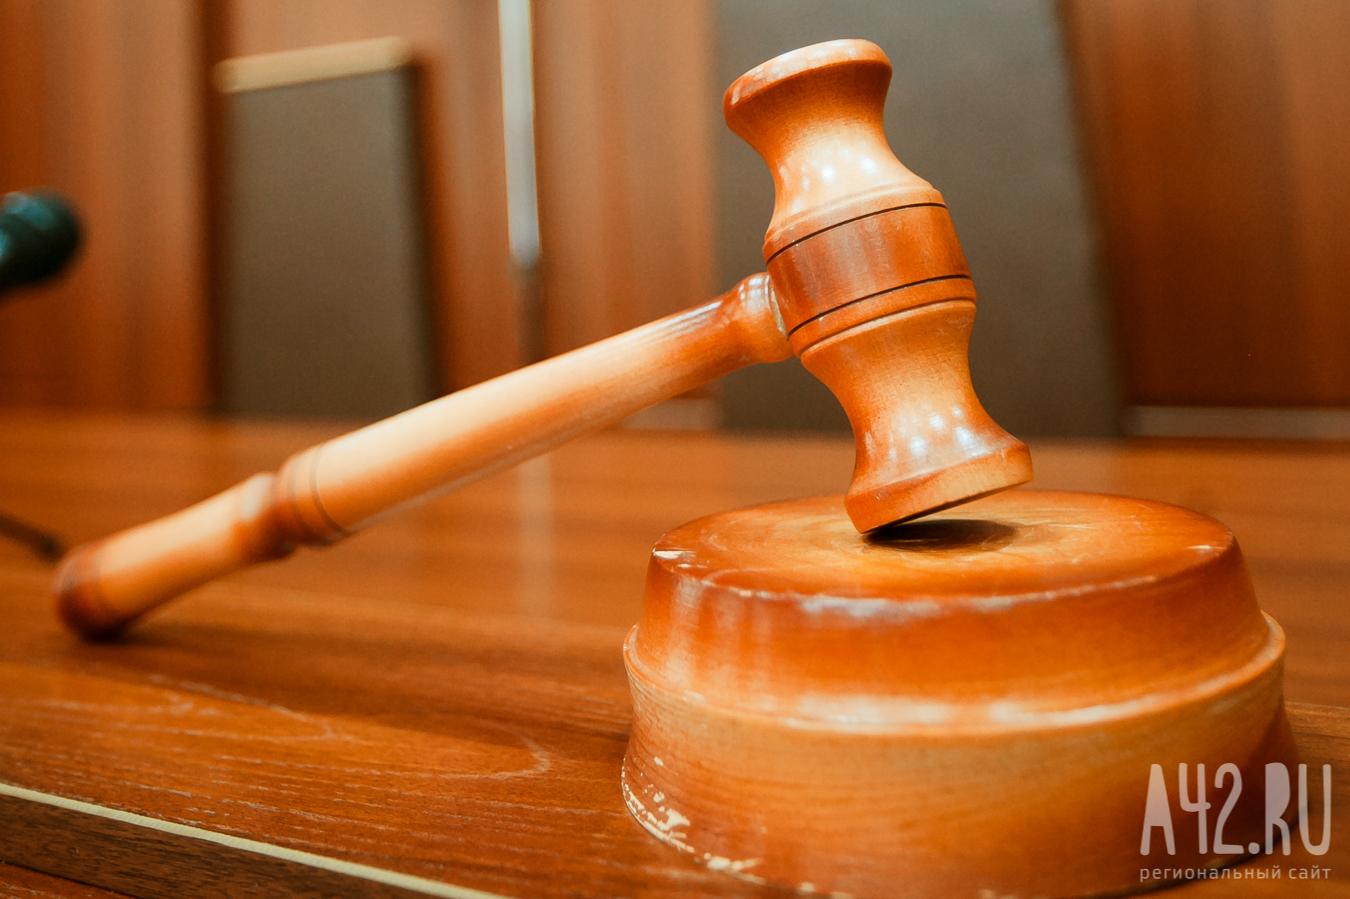 Брат подозреваемого ворганизации теракта вПетербурге дал нанего показания